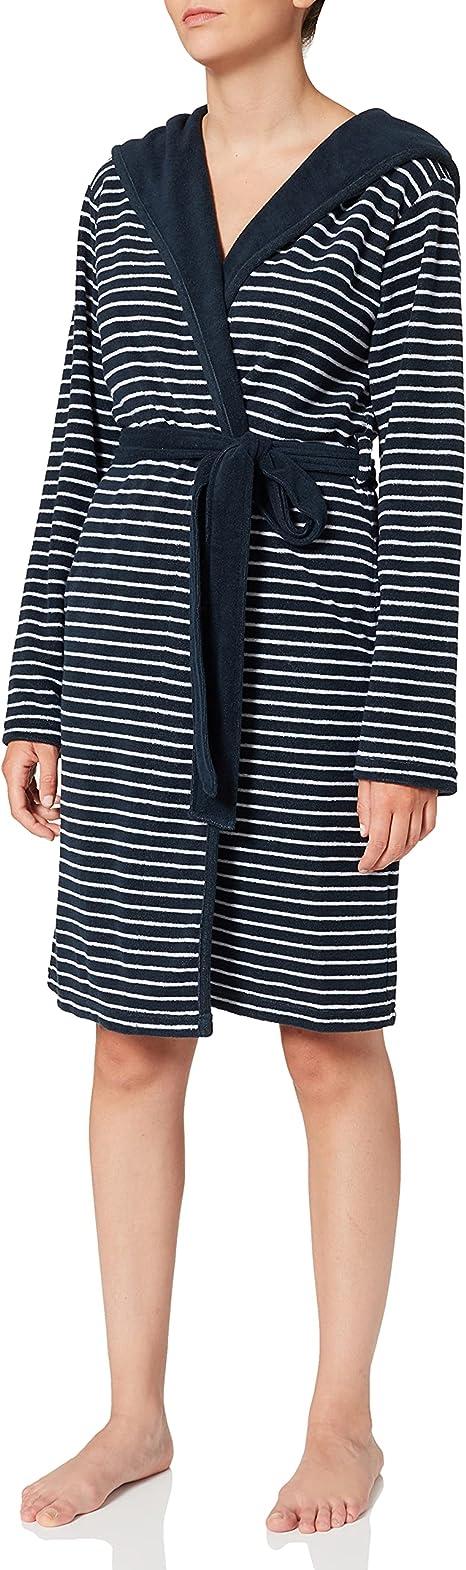 Sale SCHIESSER Damen Bademantel Morgenmantel blau Gr.52 NEU ehemaliger UVP79,95€